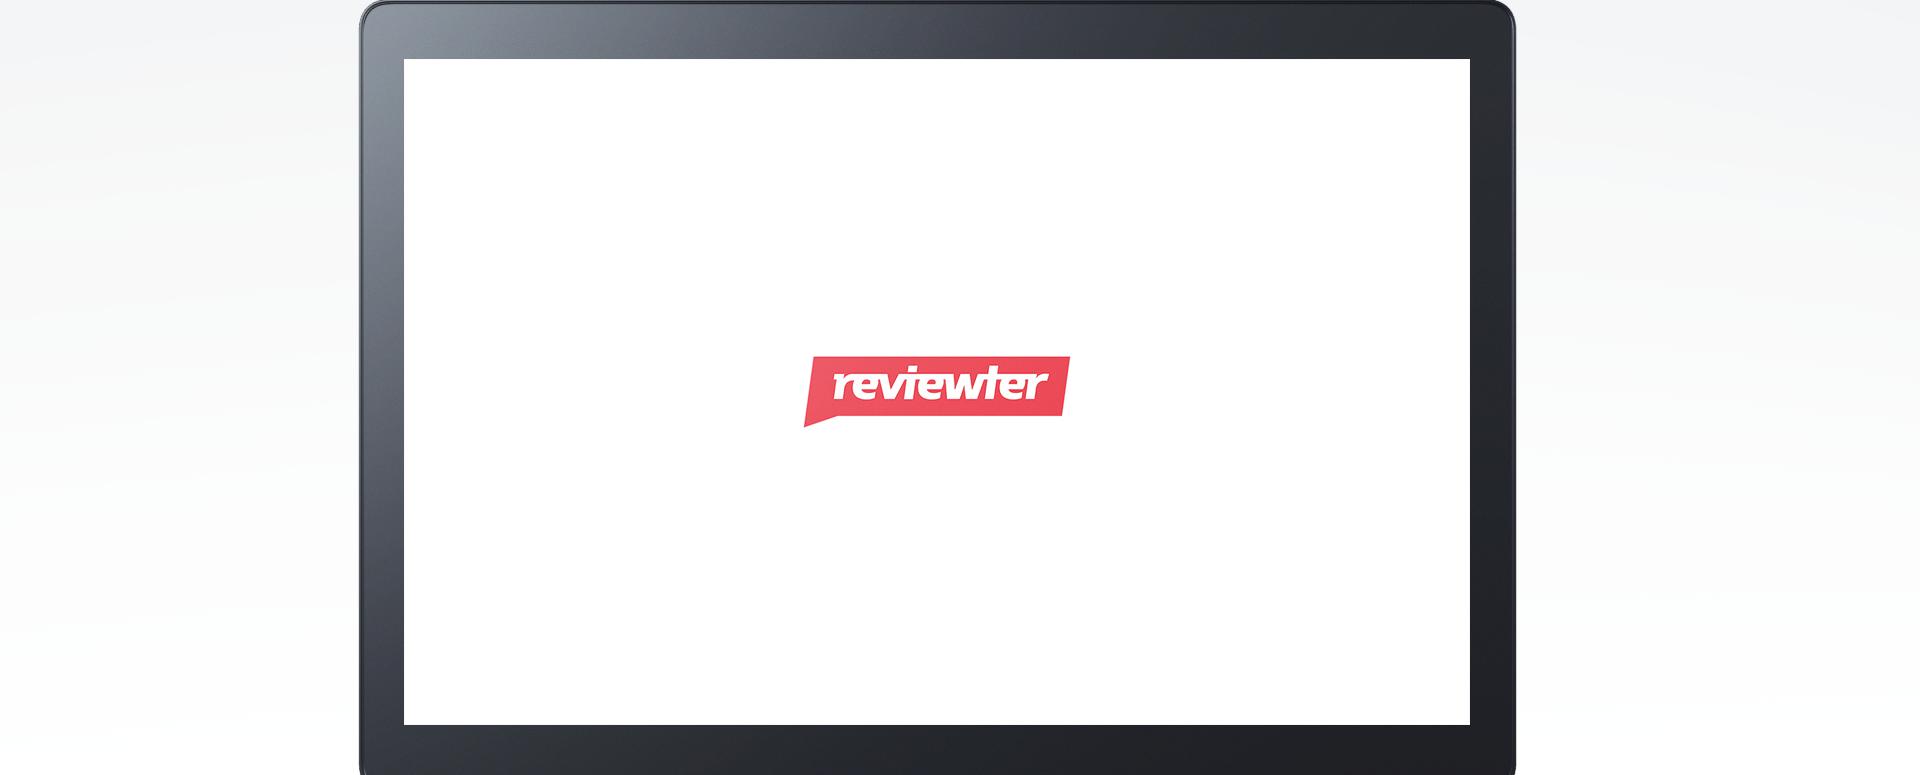 Заказать реальные отзывы в reviewter'е